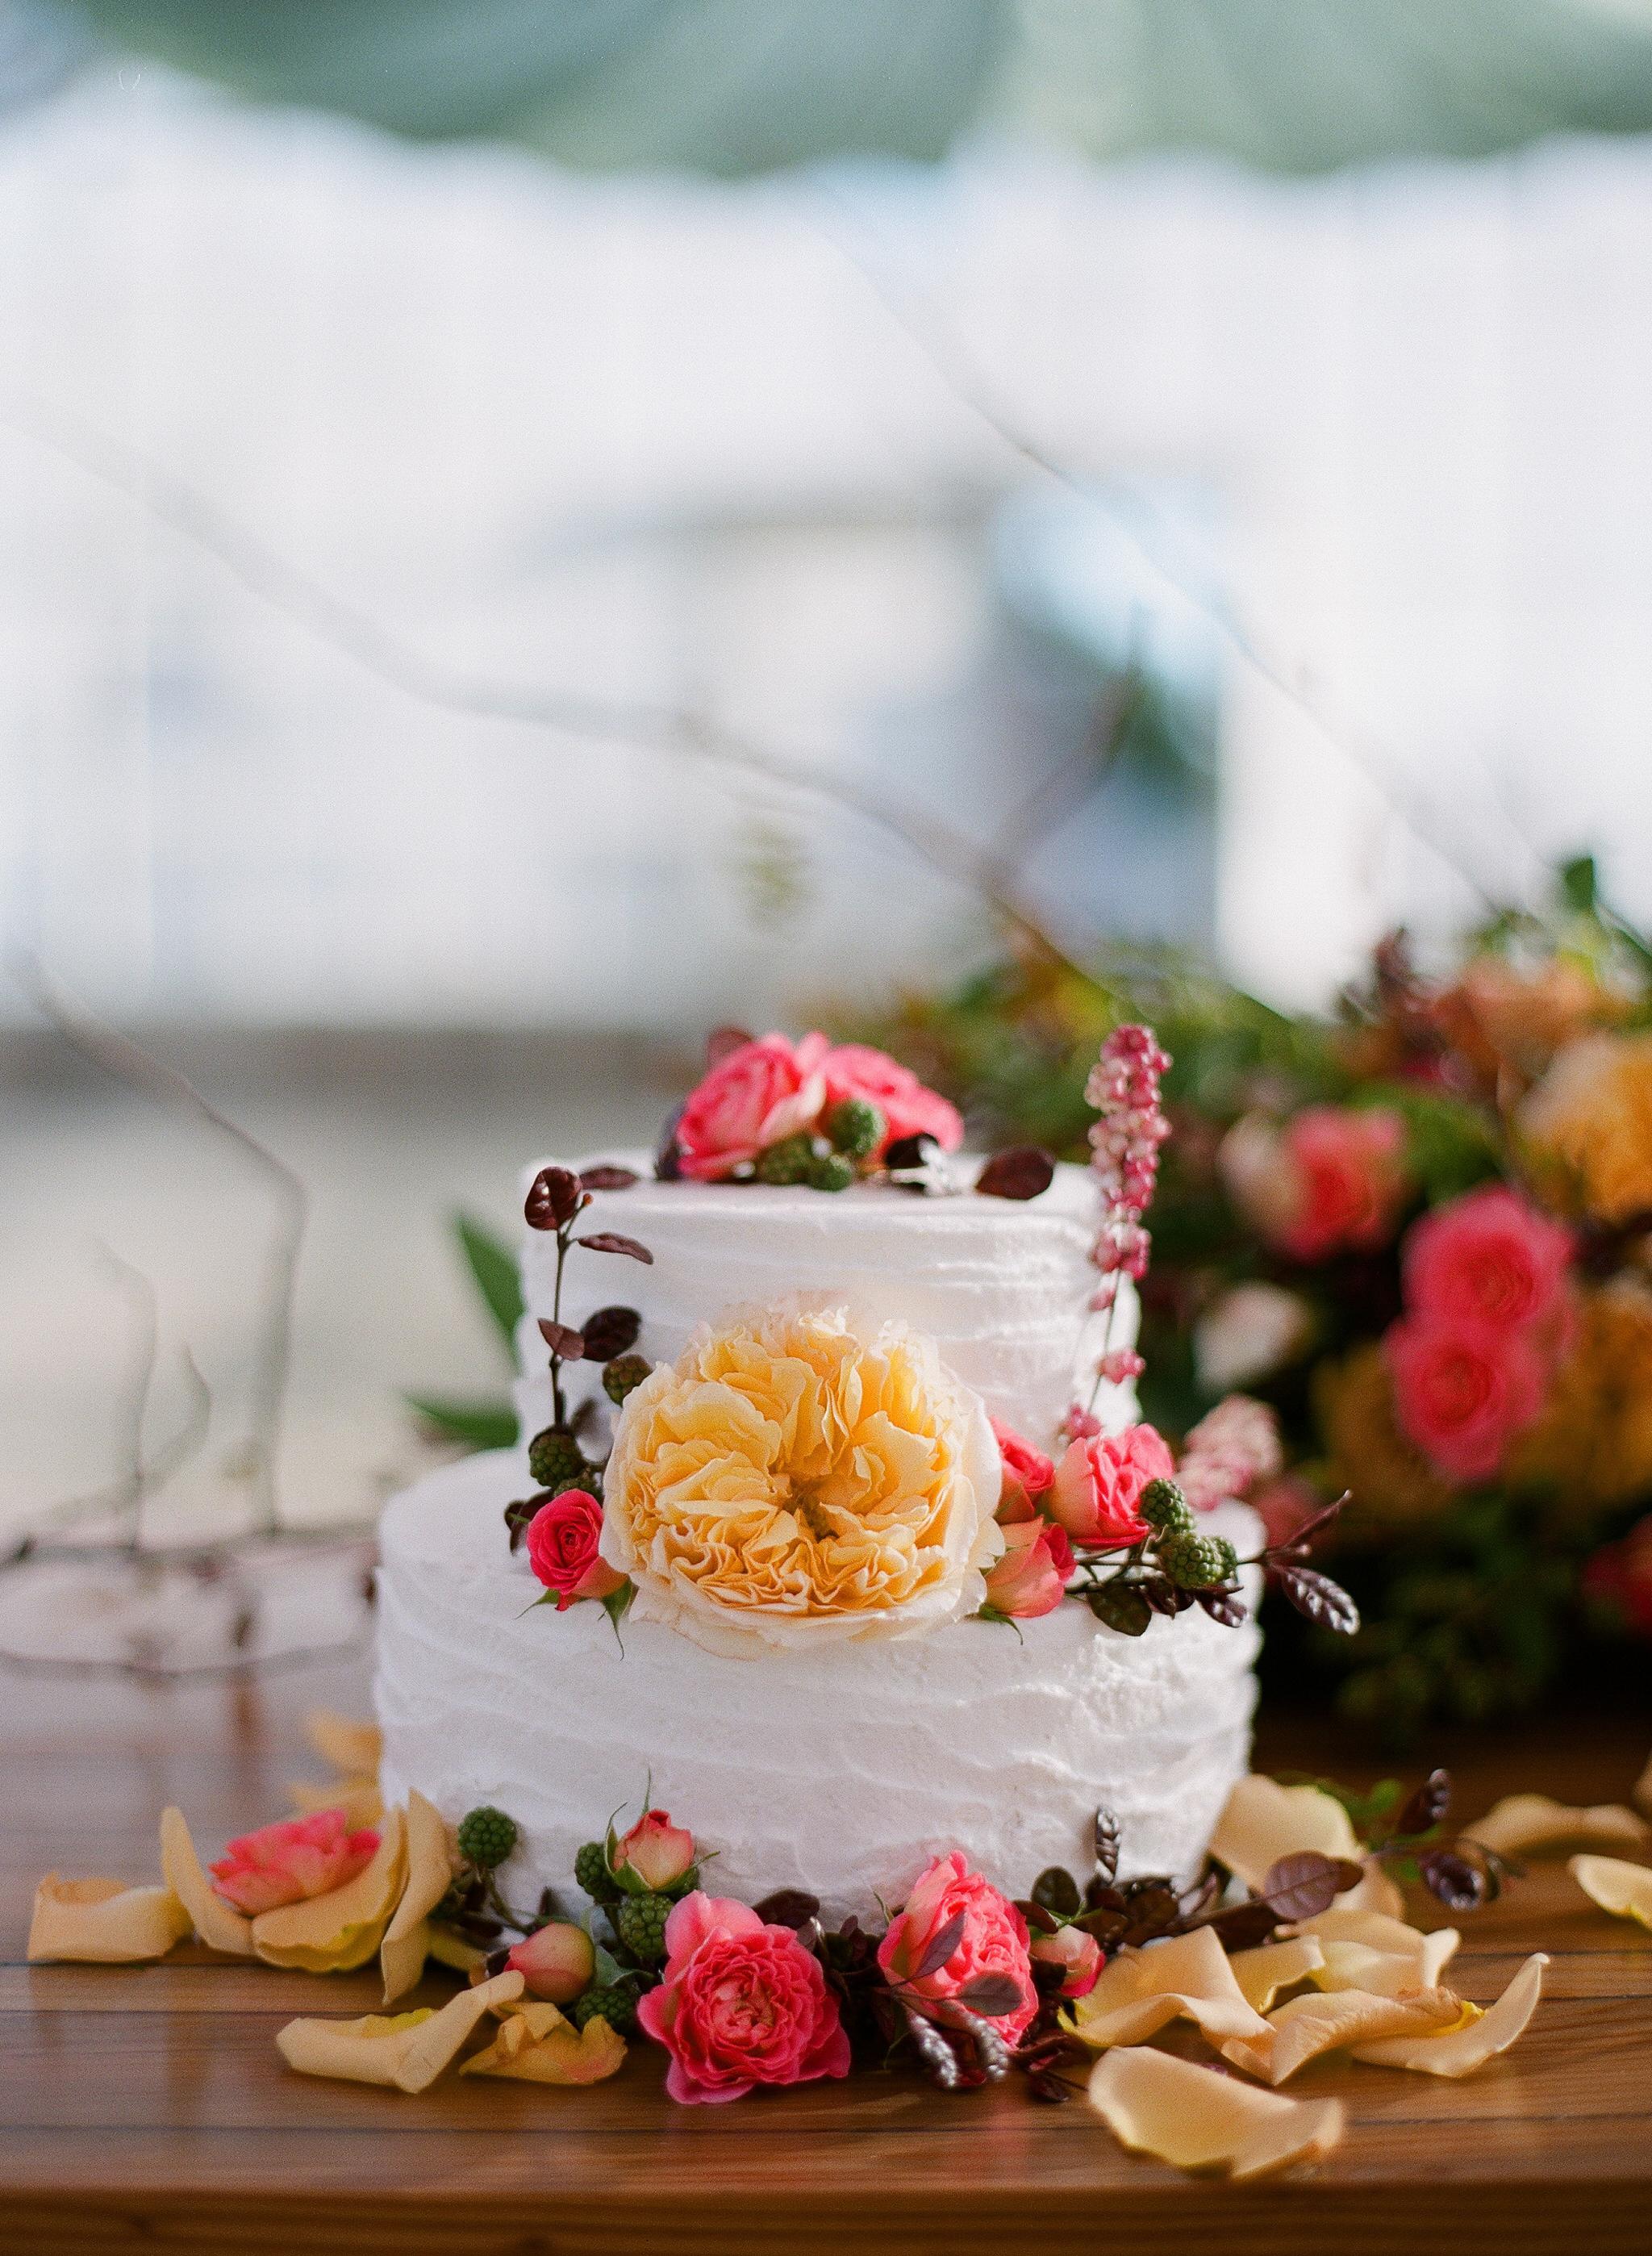 www.santabarbarawedding.com | Megan Sorel Photography | Dos Pueblos Orchid Farm | Wedding Cake